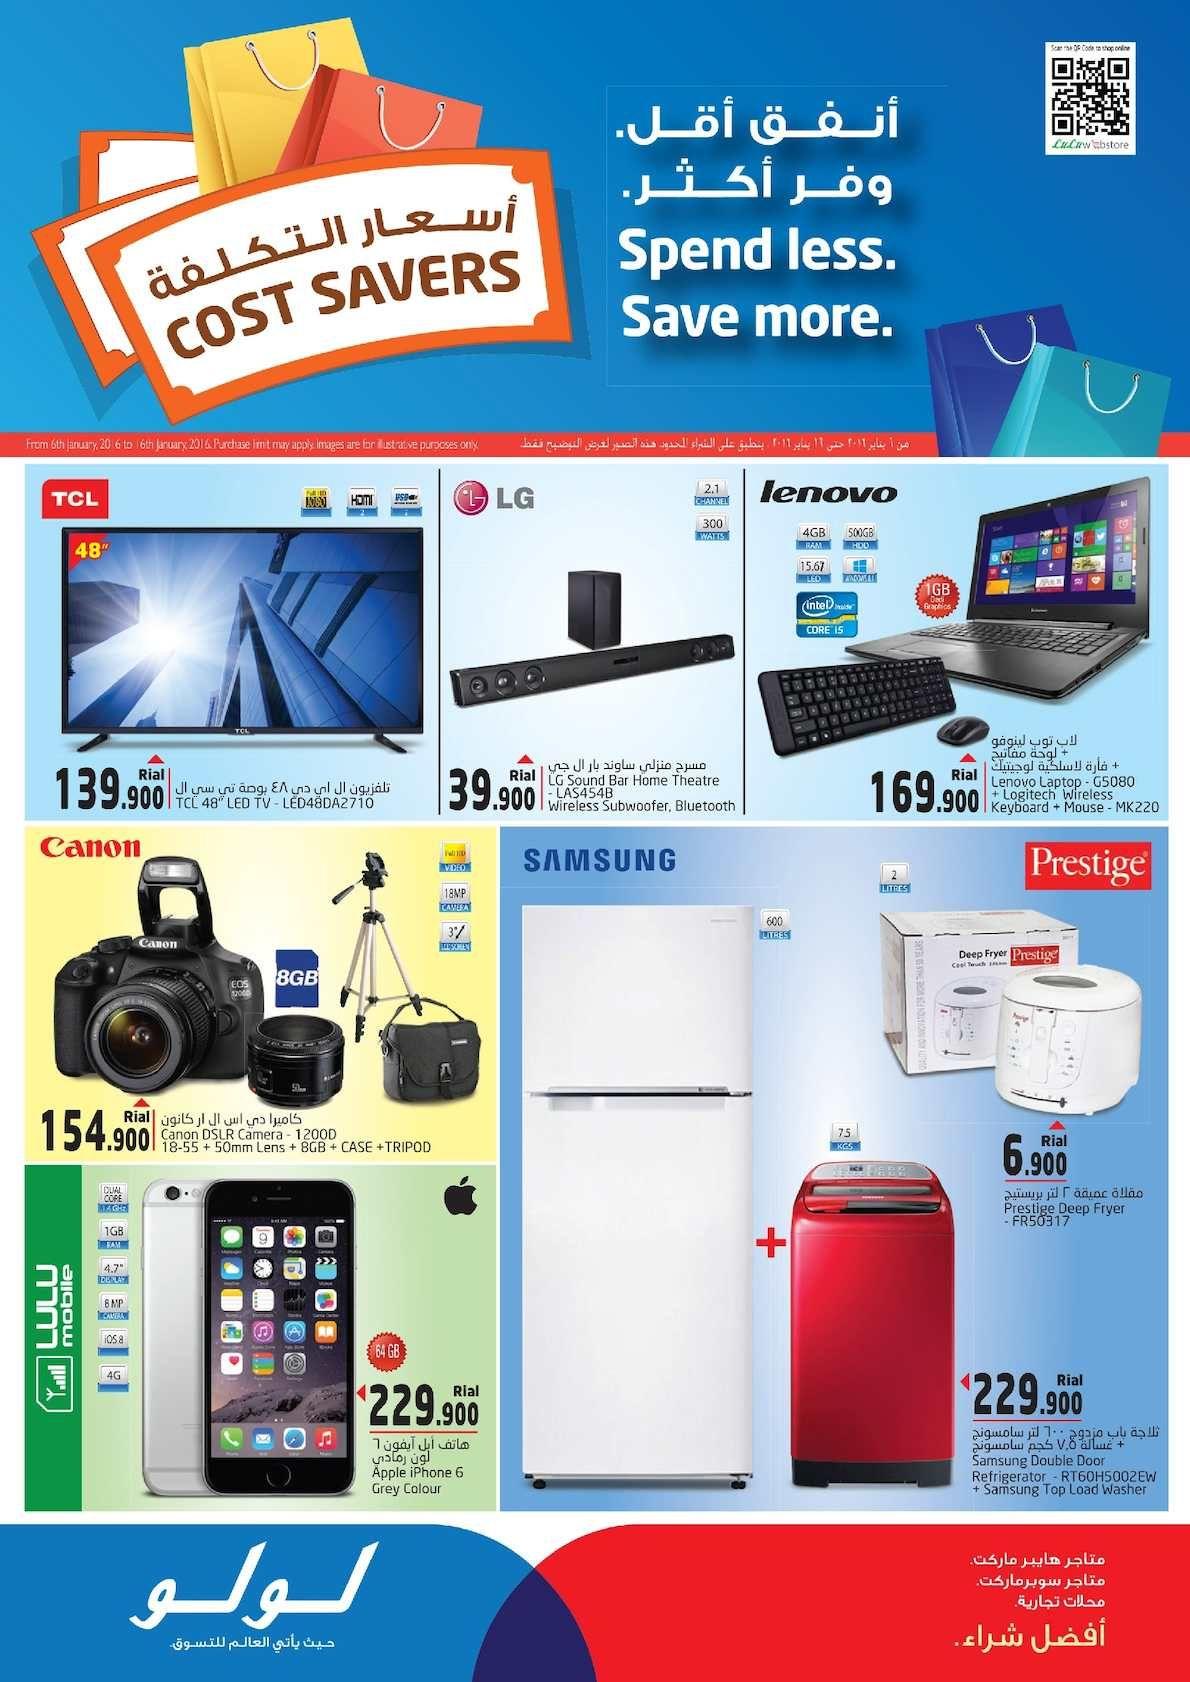 لولو عمان عروض 6 حتى 16 يناير 2016 أسعار الكتلفة Lenovo Savers Subwoofer